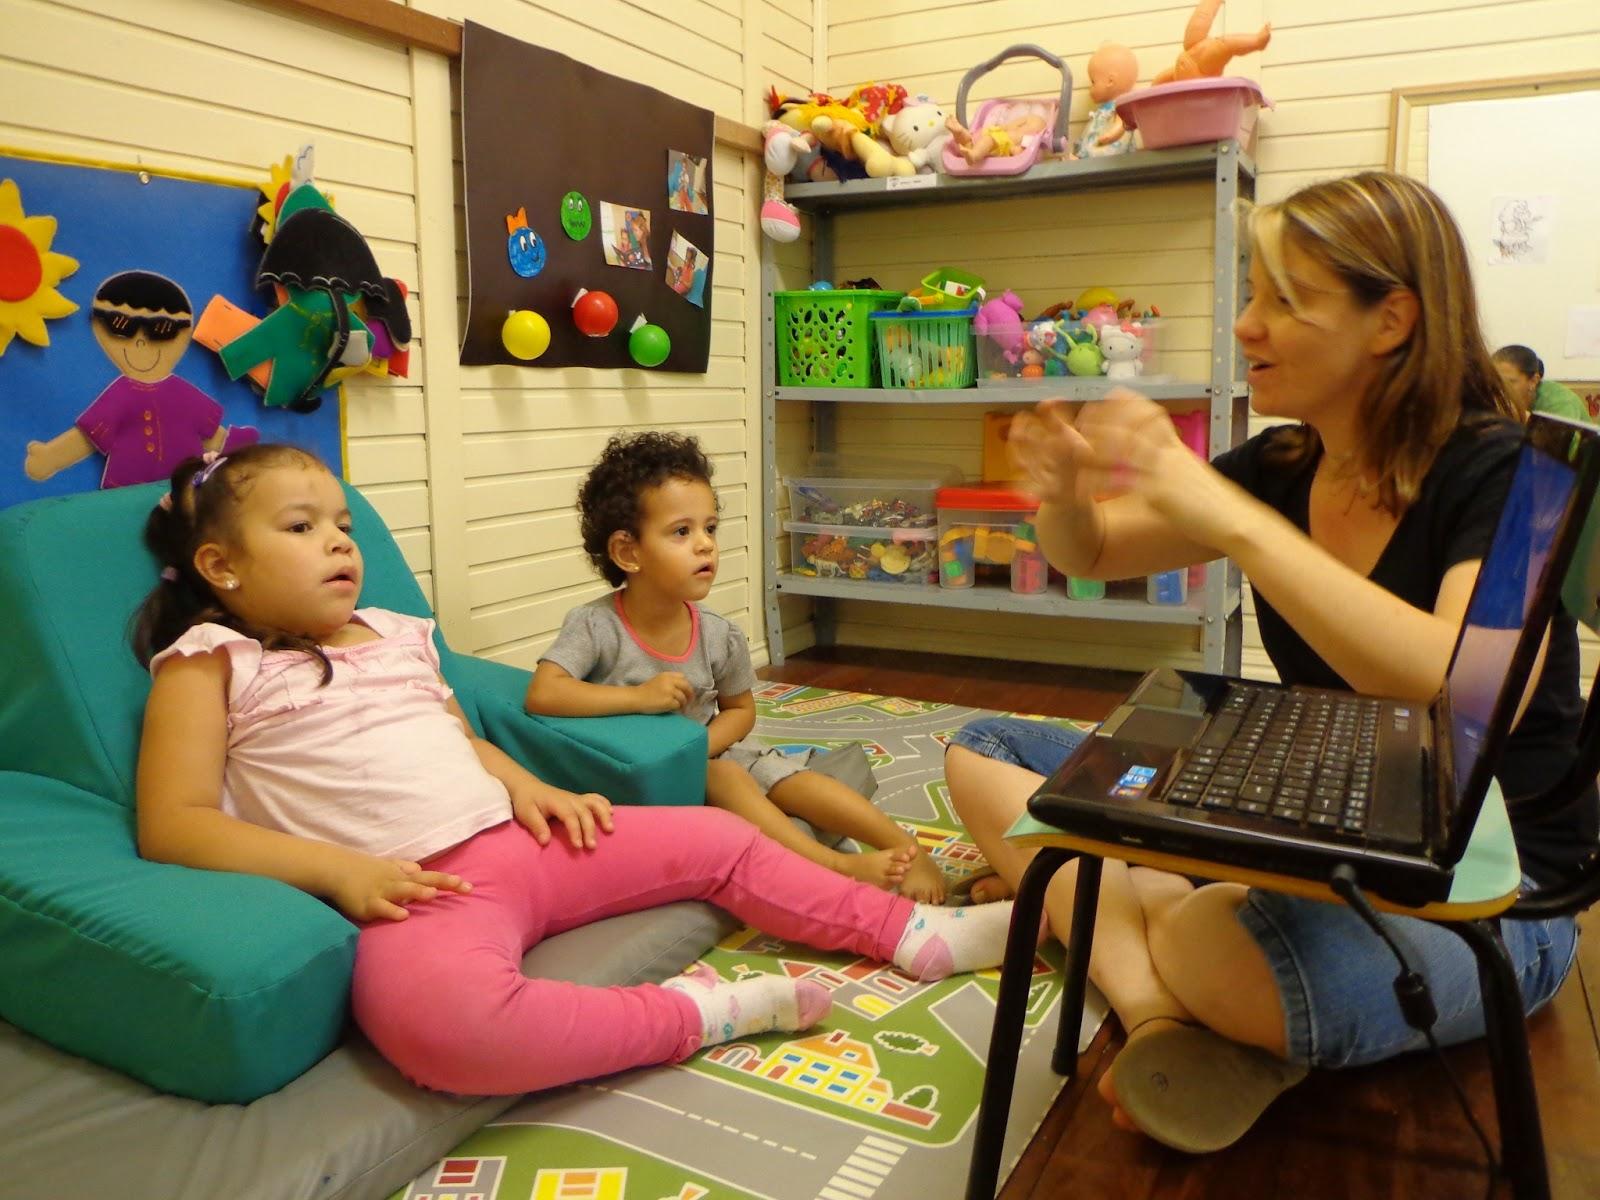 Amado EMEF de Surdos Bilingue Salomão Watnick: Educação Precoce SS58